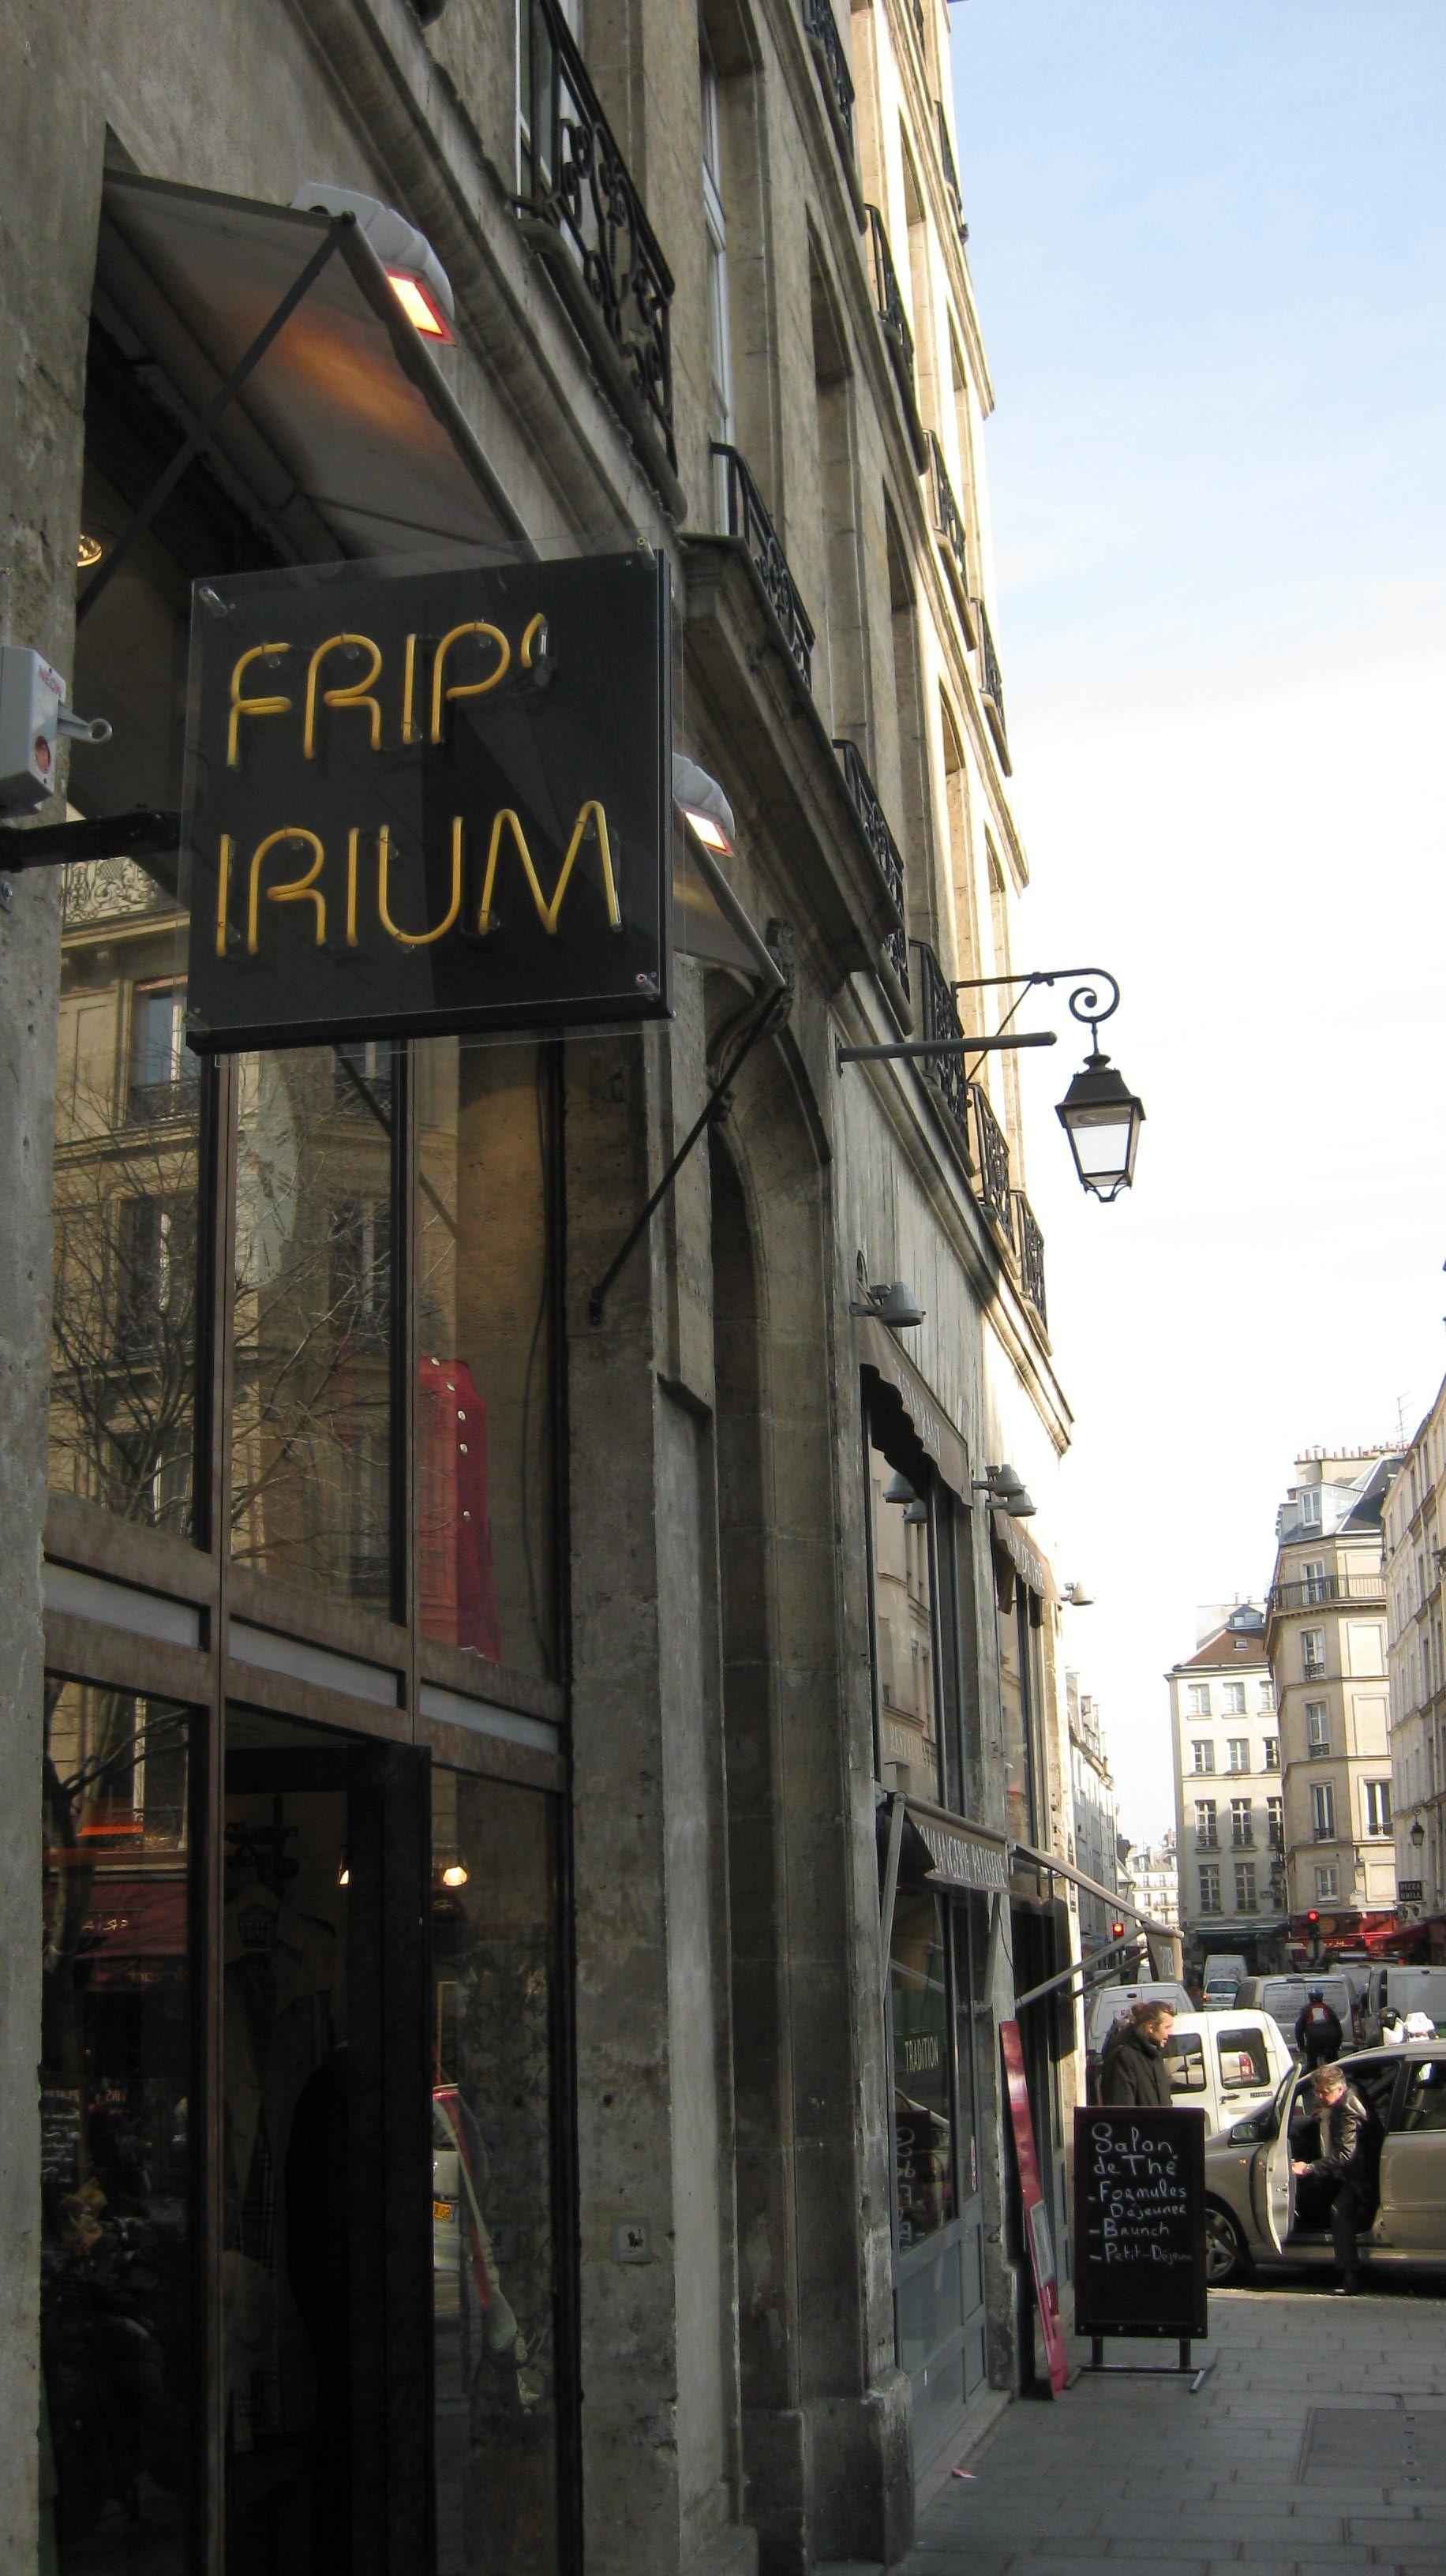 fripirium-11